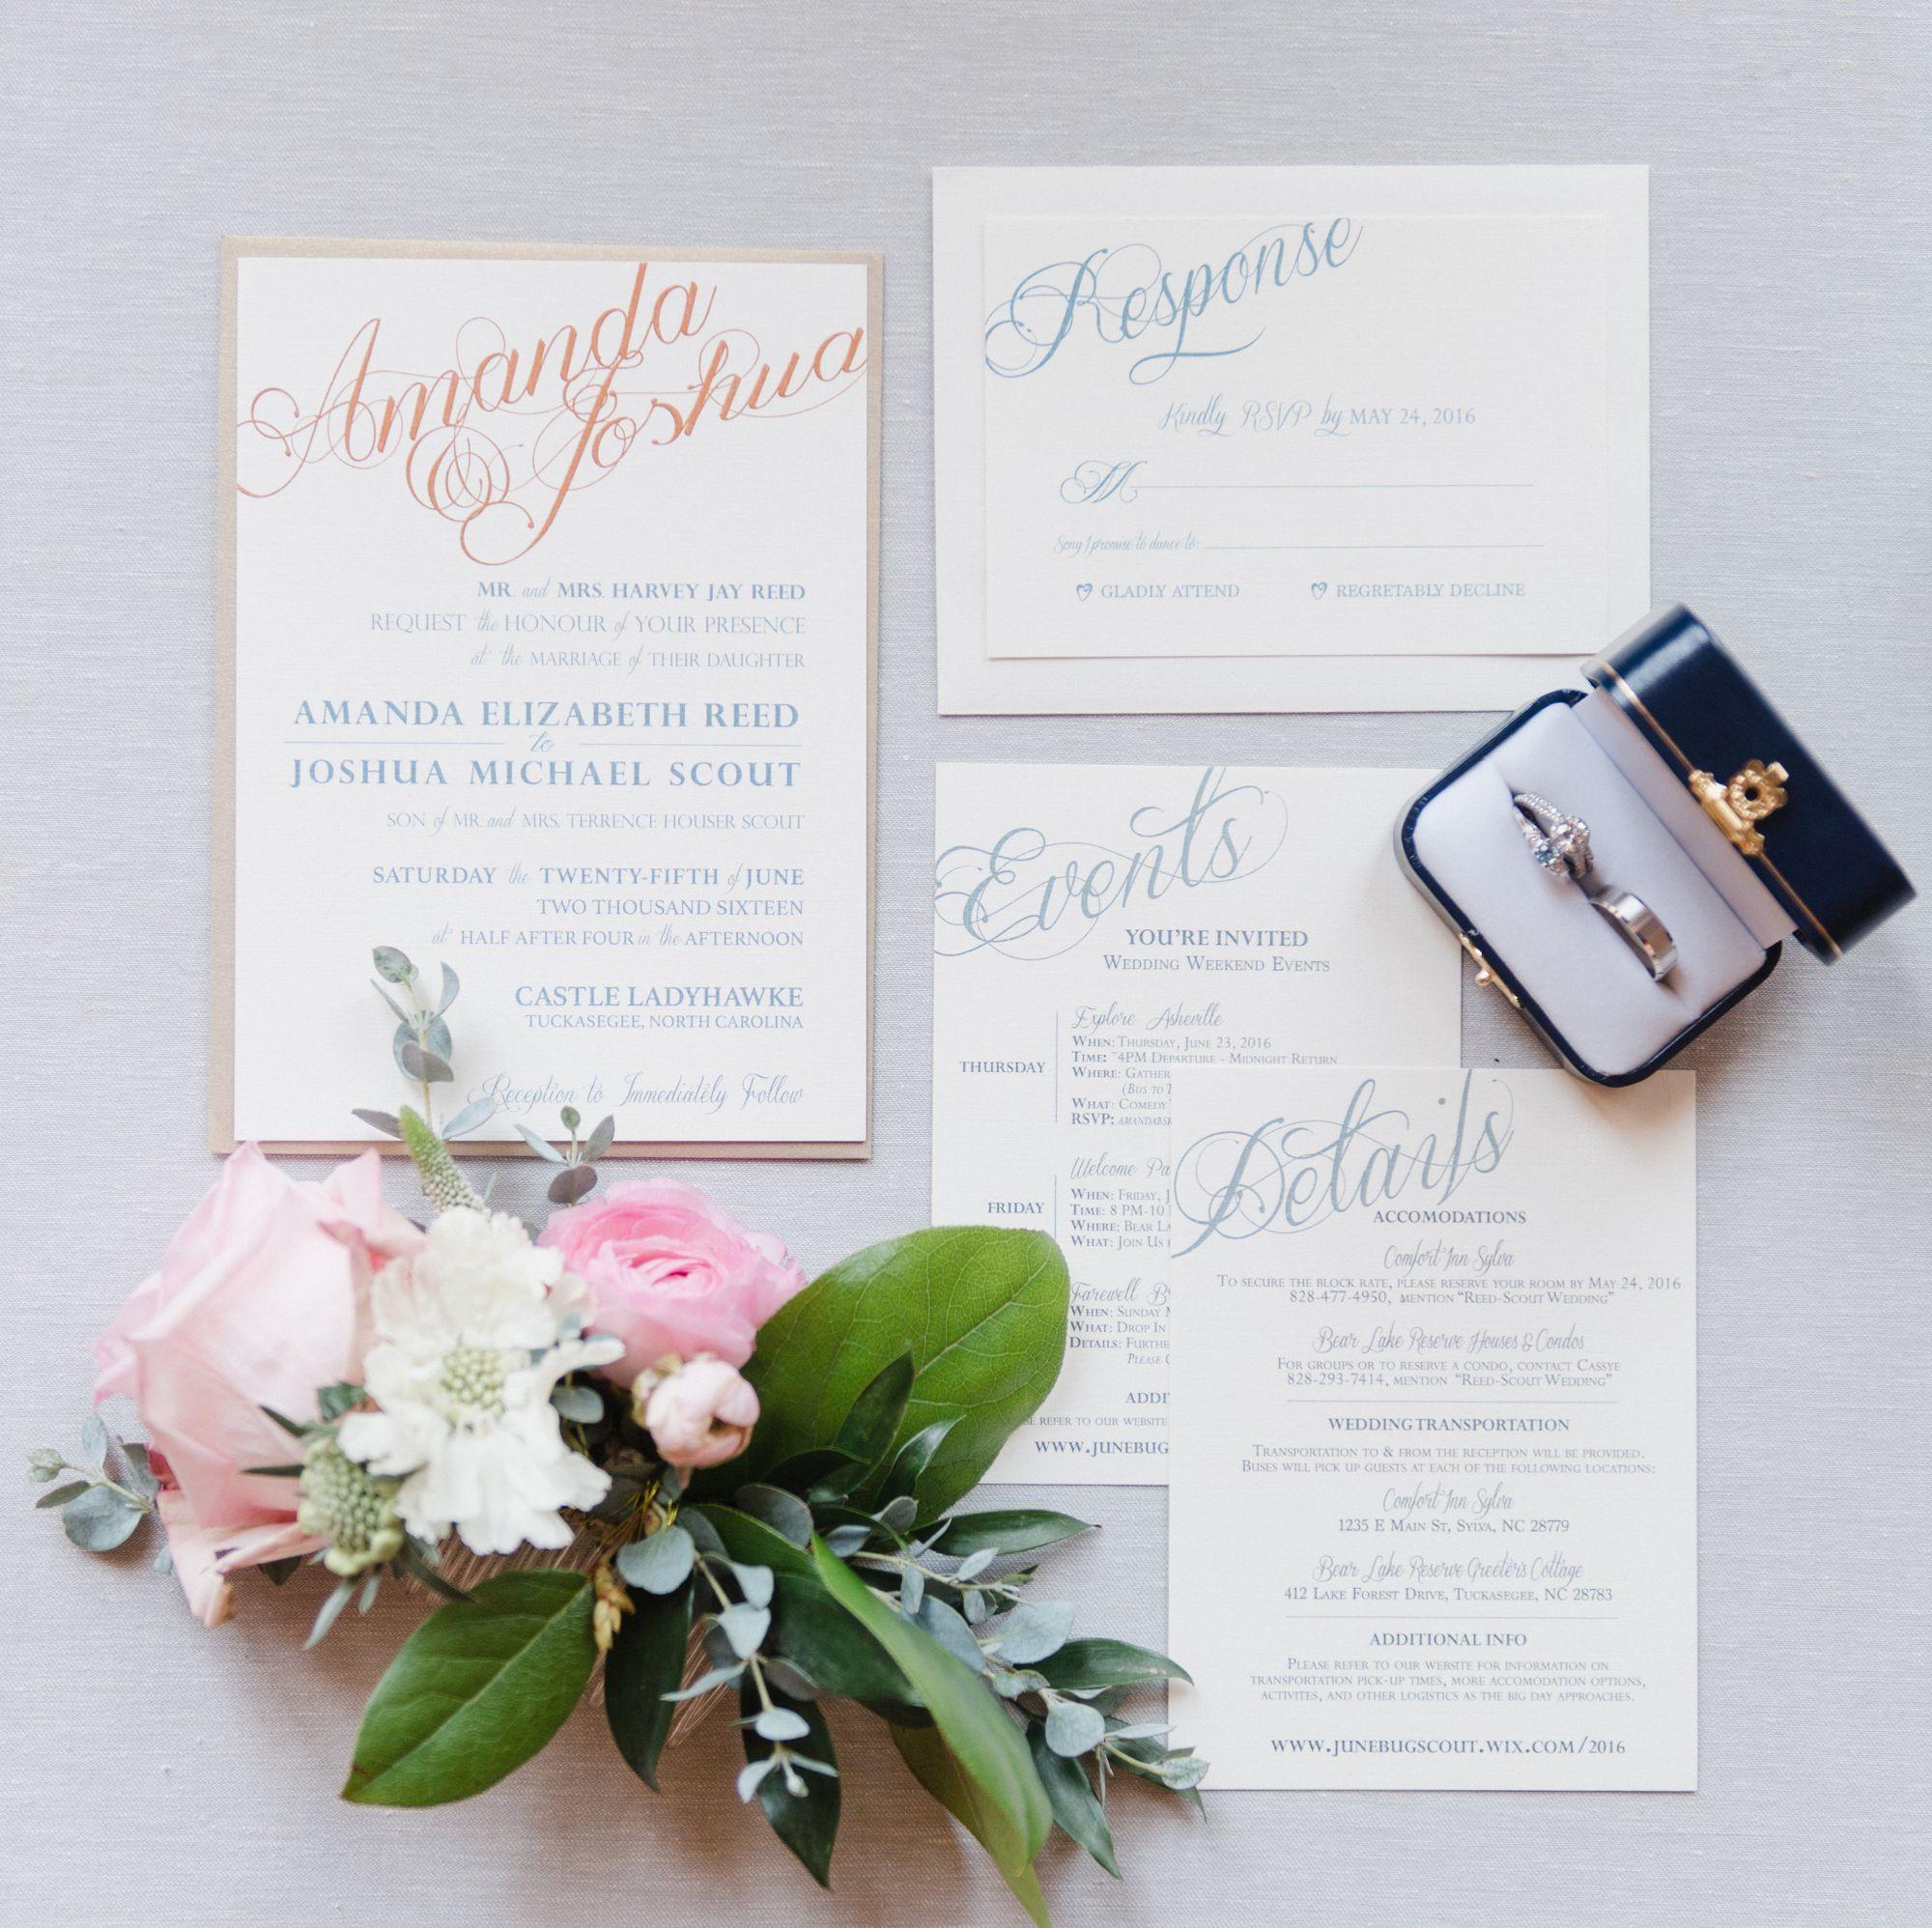 castle-ladyhawke-destination-wedding 7